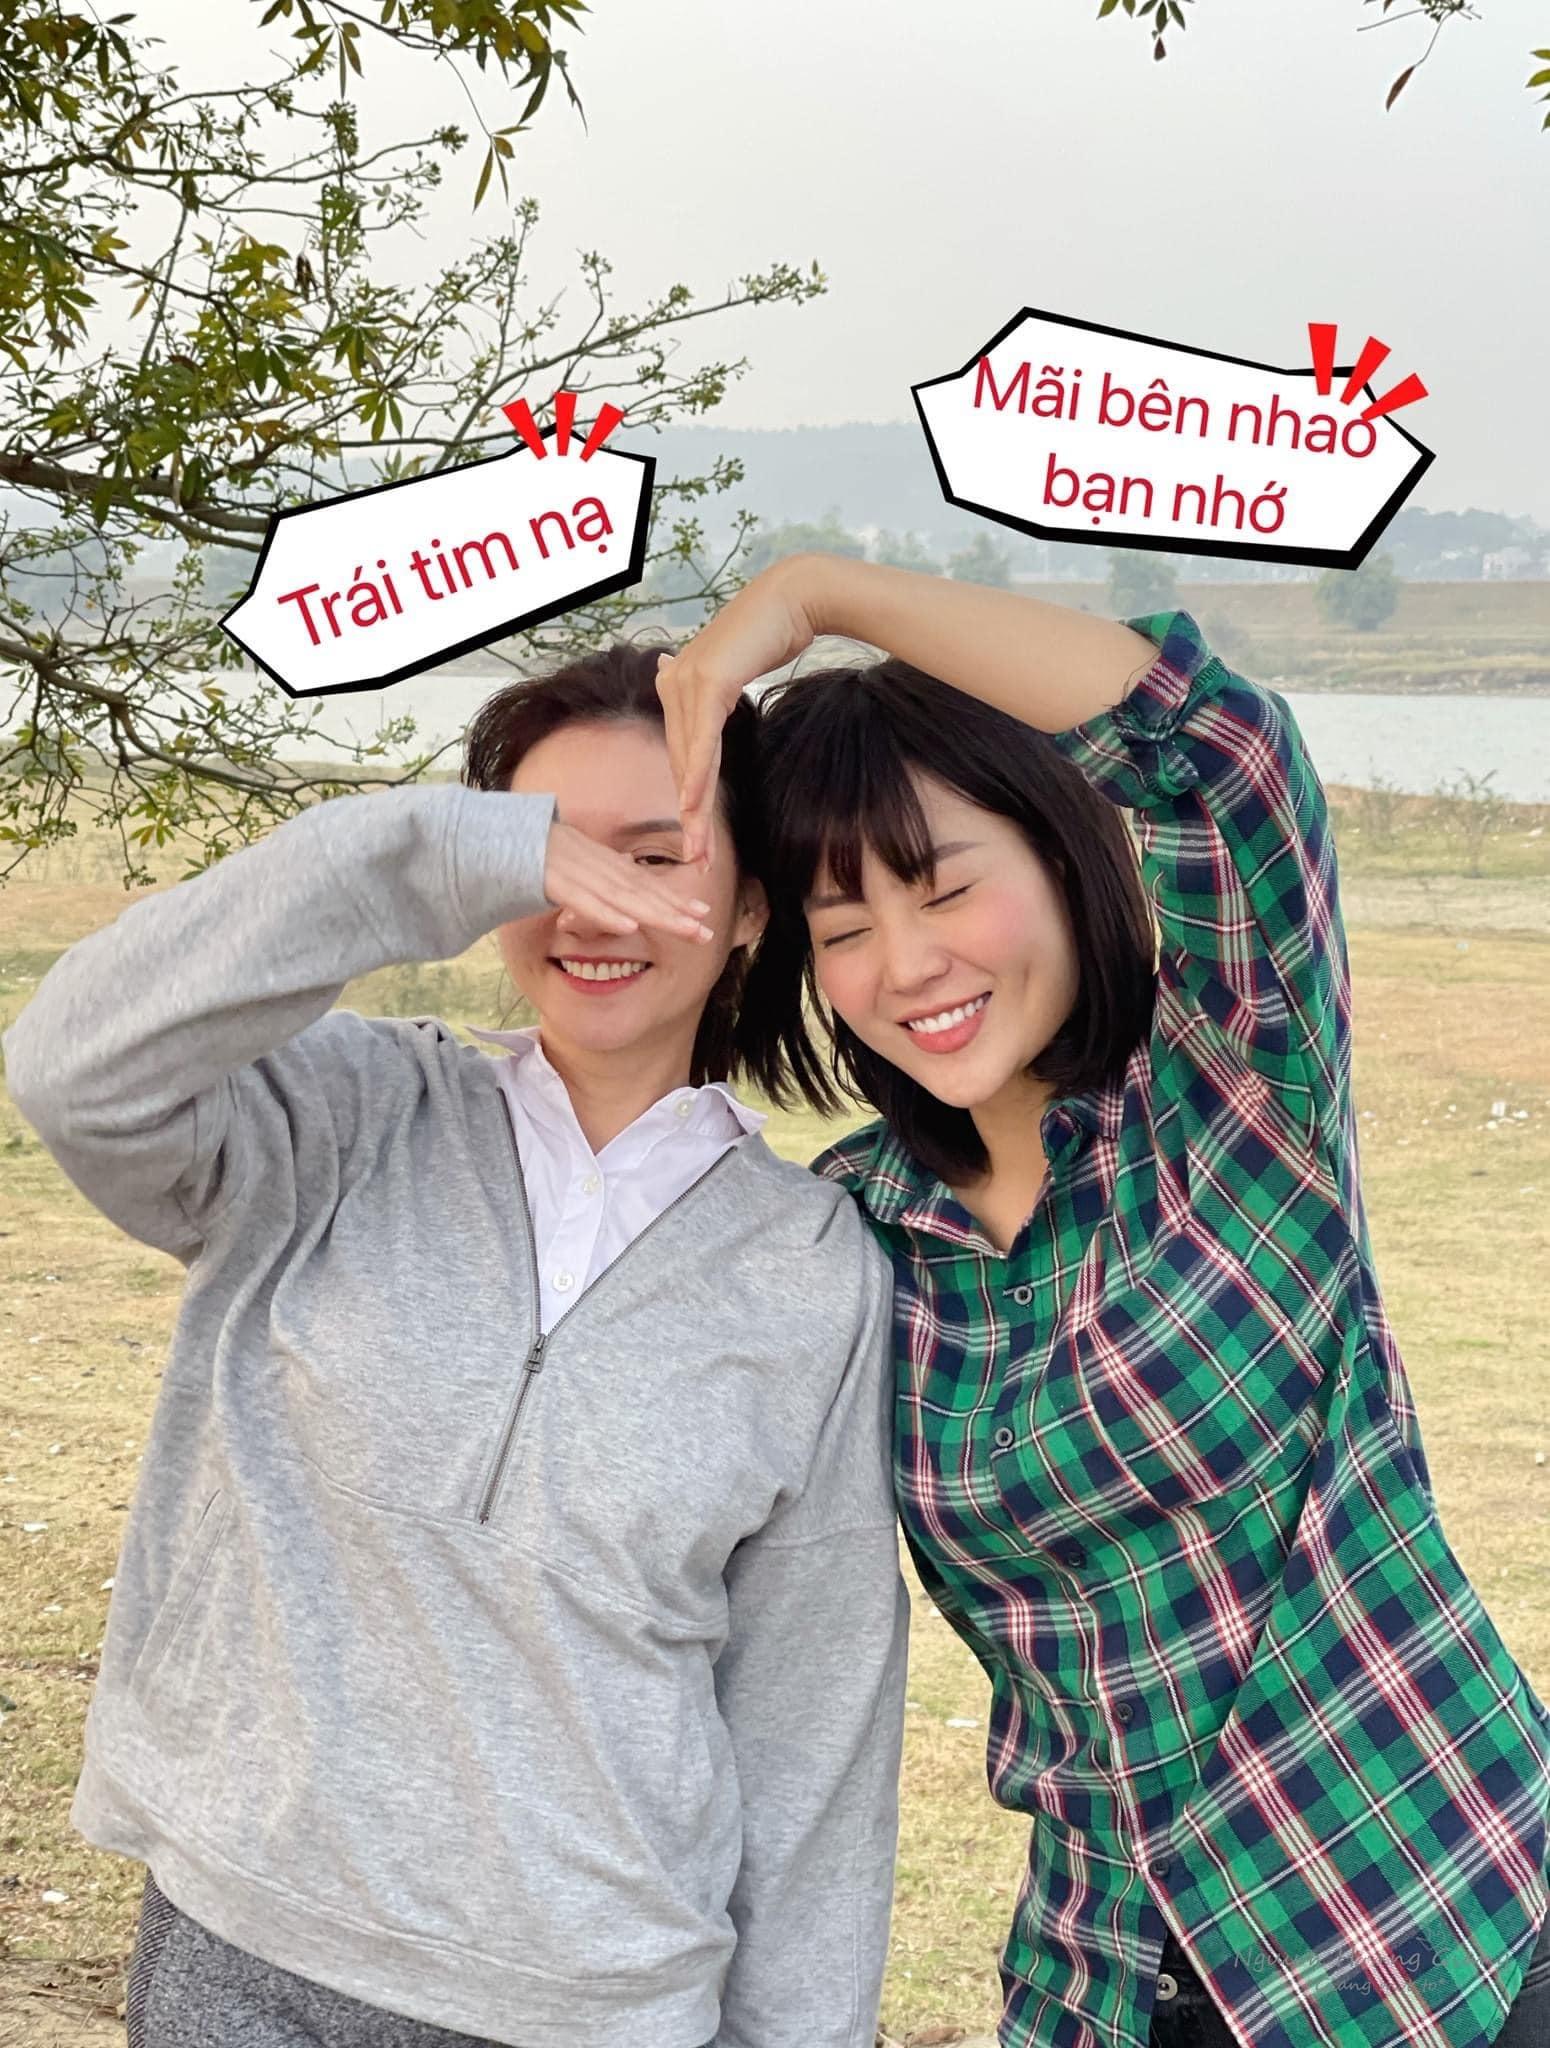 Thanh Hương kể hậu trường cảnh tát Hương Giang lật mặt